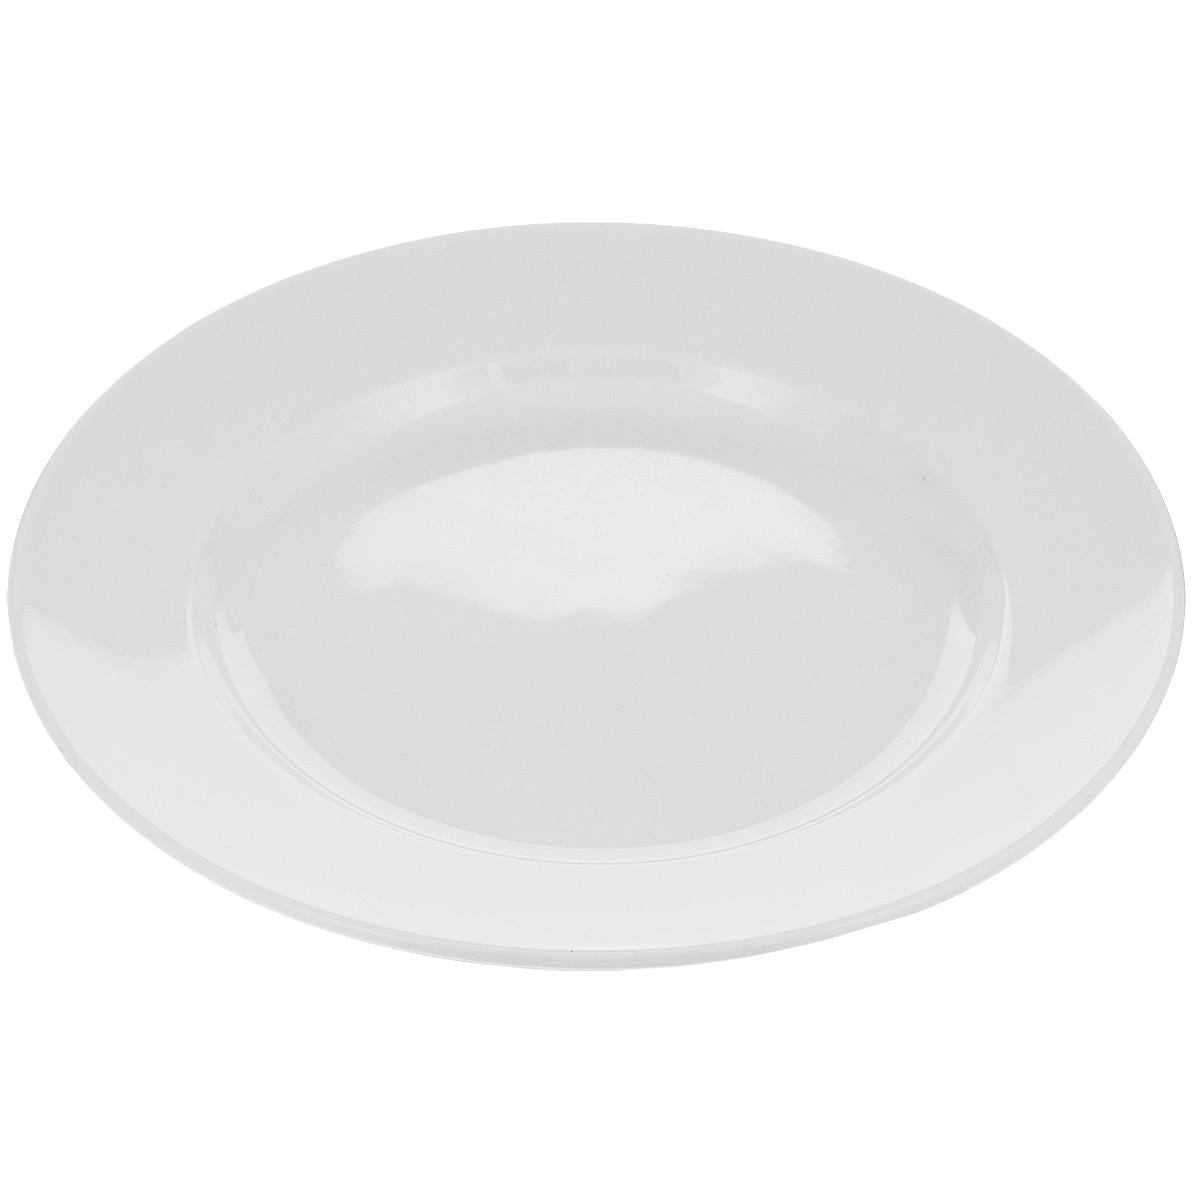 Тарелка Tescoma Opus, диаметр 27 см115510Тарелка Tescoma Opus выполнена из высококачественного фарфора однотонного цвета и прекрасно подойдет для вашей кухни. Такая тарелка изысканно украсит сервировку как обеденного, так и праздничного стола. Предназначена для подачи вторых блюд. Пригодна для использования в микроволновой печи. Можно мыть в посудомоечной машине.Диаметр: 27см.Высота тарелки: 2 см..